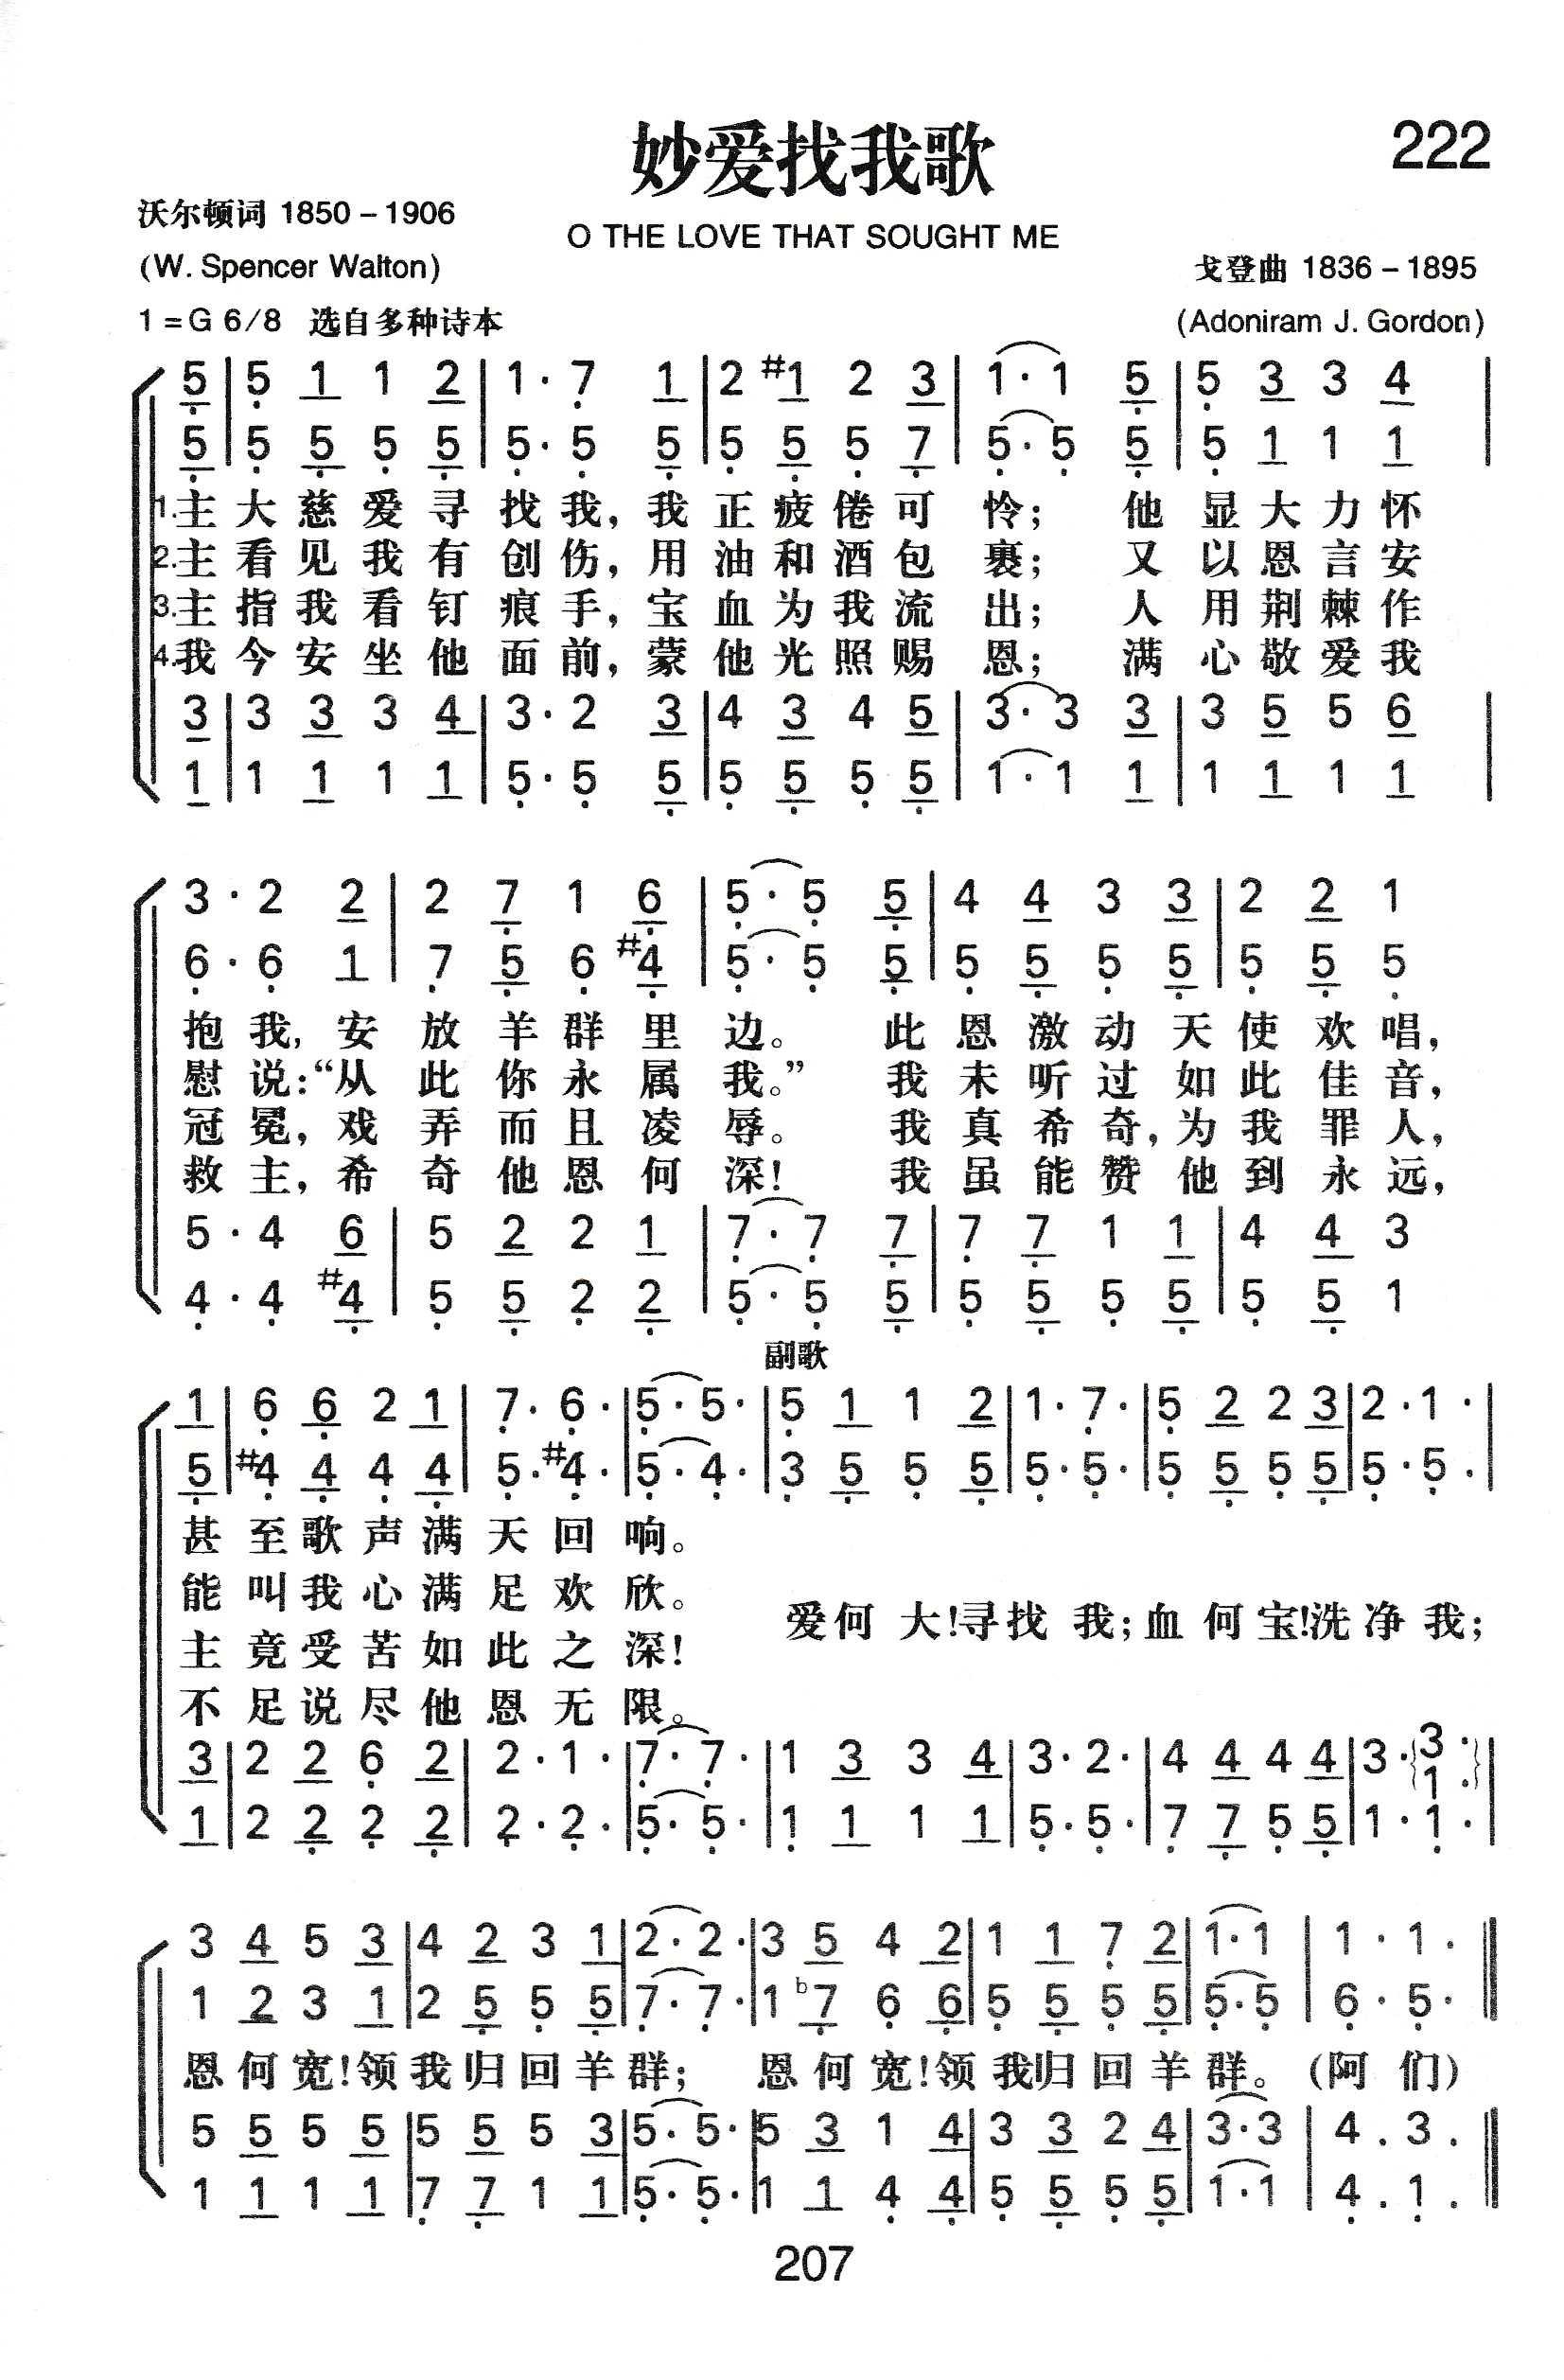 tab/第222首/妙爱找我歌